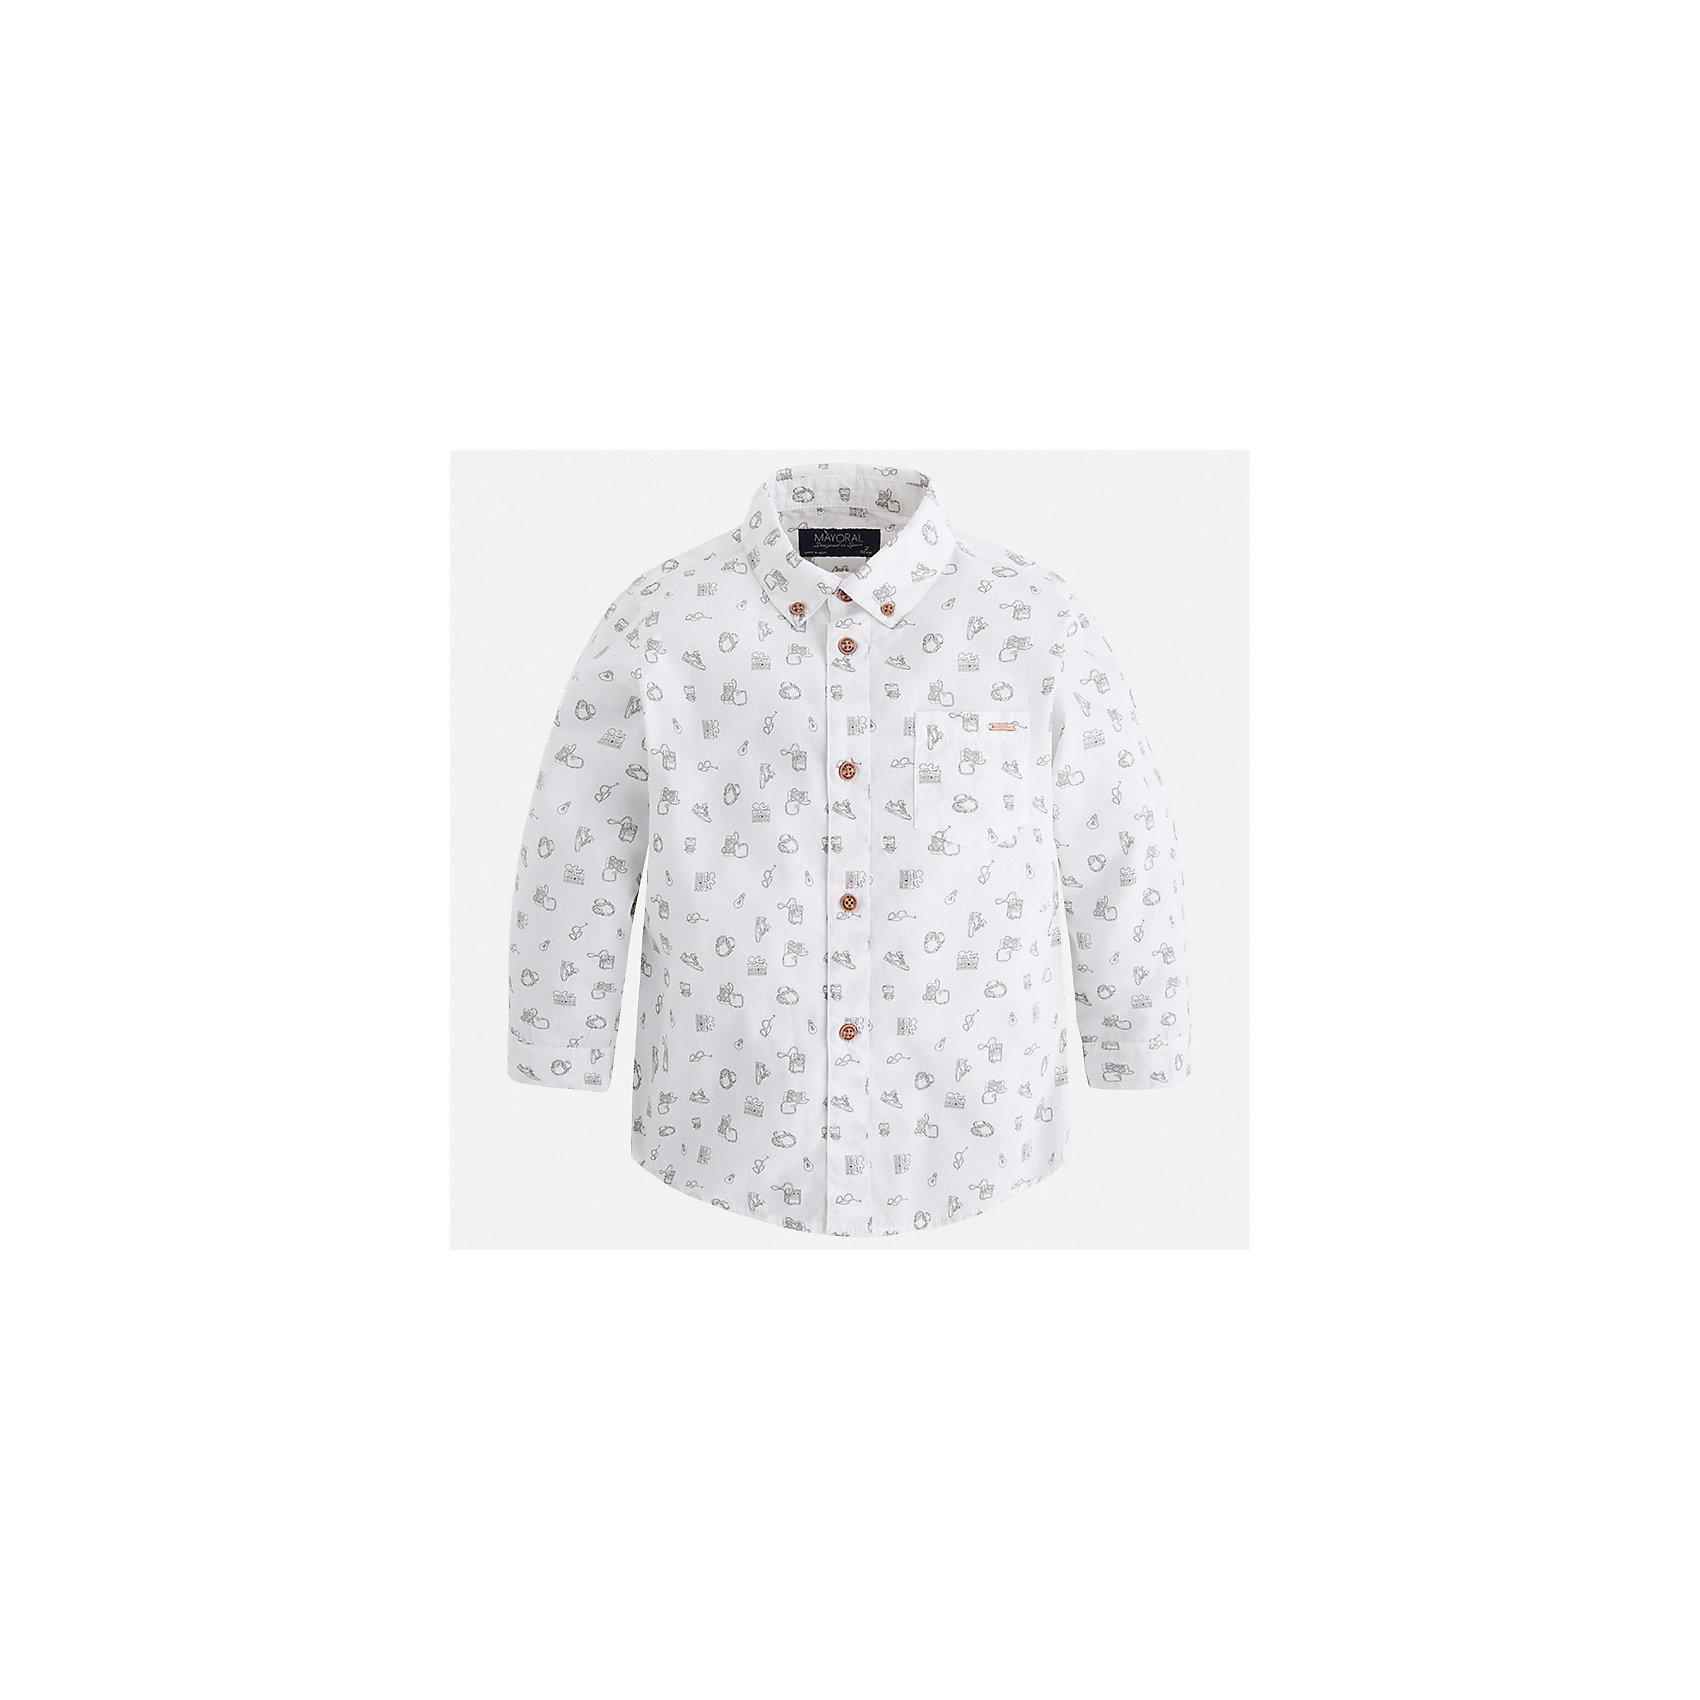 Рубашка Mayoral для мальчикаБлузки и рубашки<br>Характеристики товара:<br><br>• цвет: белый<br>• состав ткани: 100% хлопок<br>• сезон: демисезон<br>• особенности модели: школьная<br>• застежка: пуговицы<br>• длинные рукава<br>• страна бренда: Испания<br>• страна изготовитель: Индия<br><br>Оригинальная рубашка с длинным рукавом для мальчика Mayoral удобно сидит по фигуре. Стильная детская рубашка сделана из натуральной хлопковой ткани. Отличный способ обеспечить ребенку комфорт и аккуратный внешний вид - надеть детскую рубашку от Mayoral. Детская рубашка с длинным рукавом сшита из приятного на ощупь материала. <br><br>Рубашку для мальчика Mayoral (Майорал) можно купить в нашем интернет-магазине.<br><br>Ширина мм: 174<br>Глубина мм: 10<br>Высота мм: 169<br>Вес г: 157<br>Цвет: белый<br>Возраст от месяцев: 96<br>Возраст до месяцев: 108<br>Пол: Мужской<br>Возраст: Детский<br>Размер: 134,92,98,104,110,116,122,128<br>SKU: 6934111